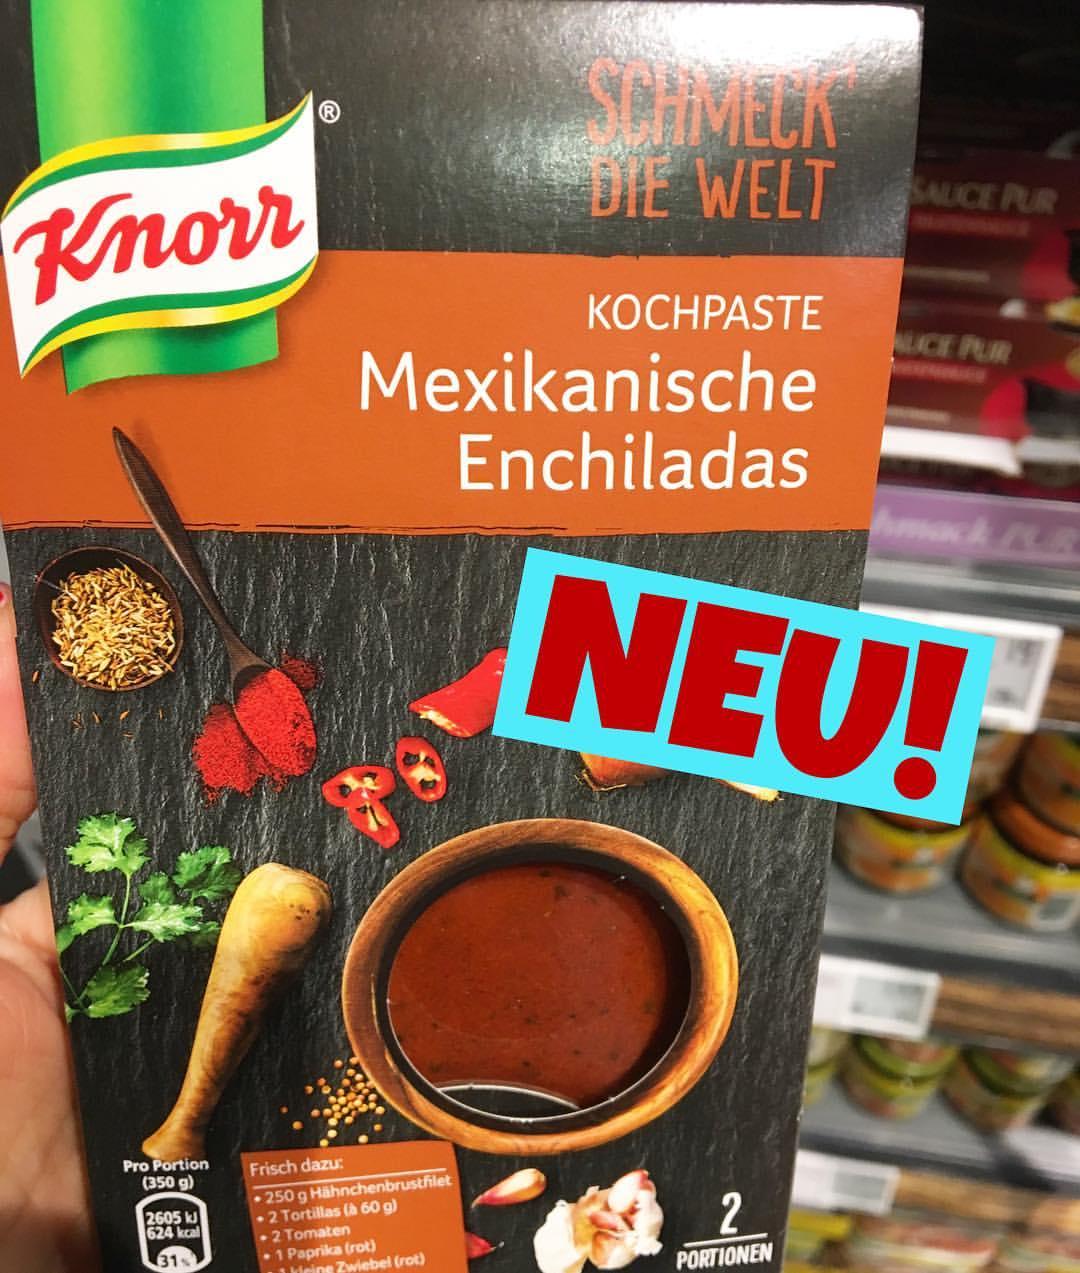 Knorr schmeck die Welt Mexikanische Enchiladas Kochpaste